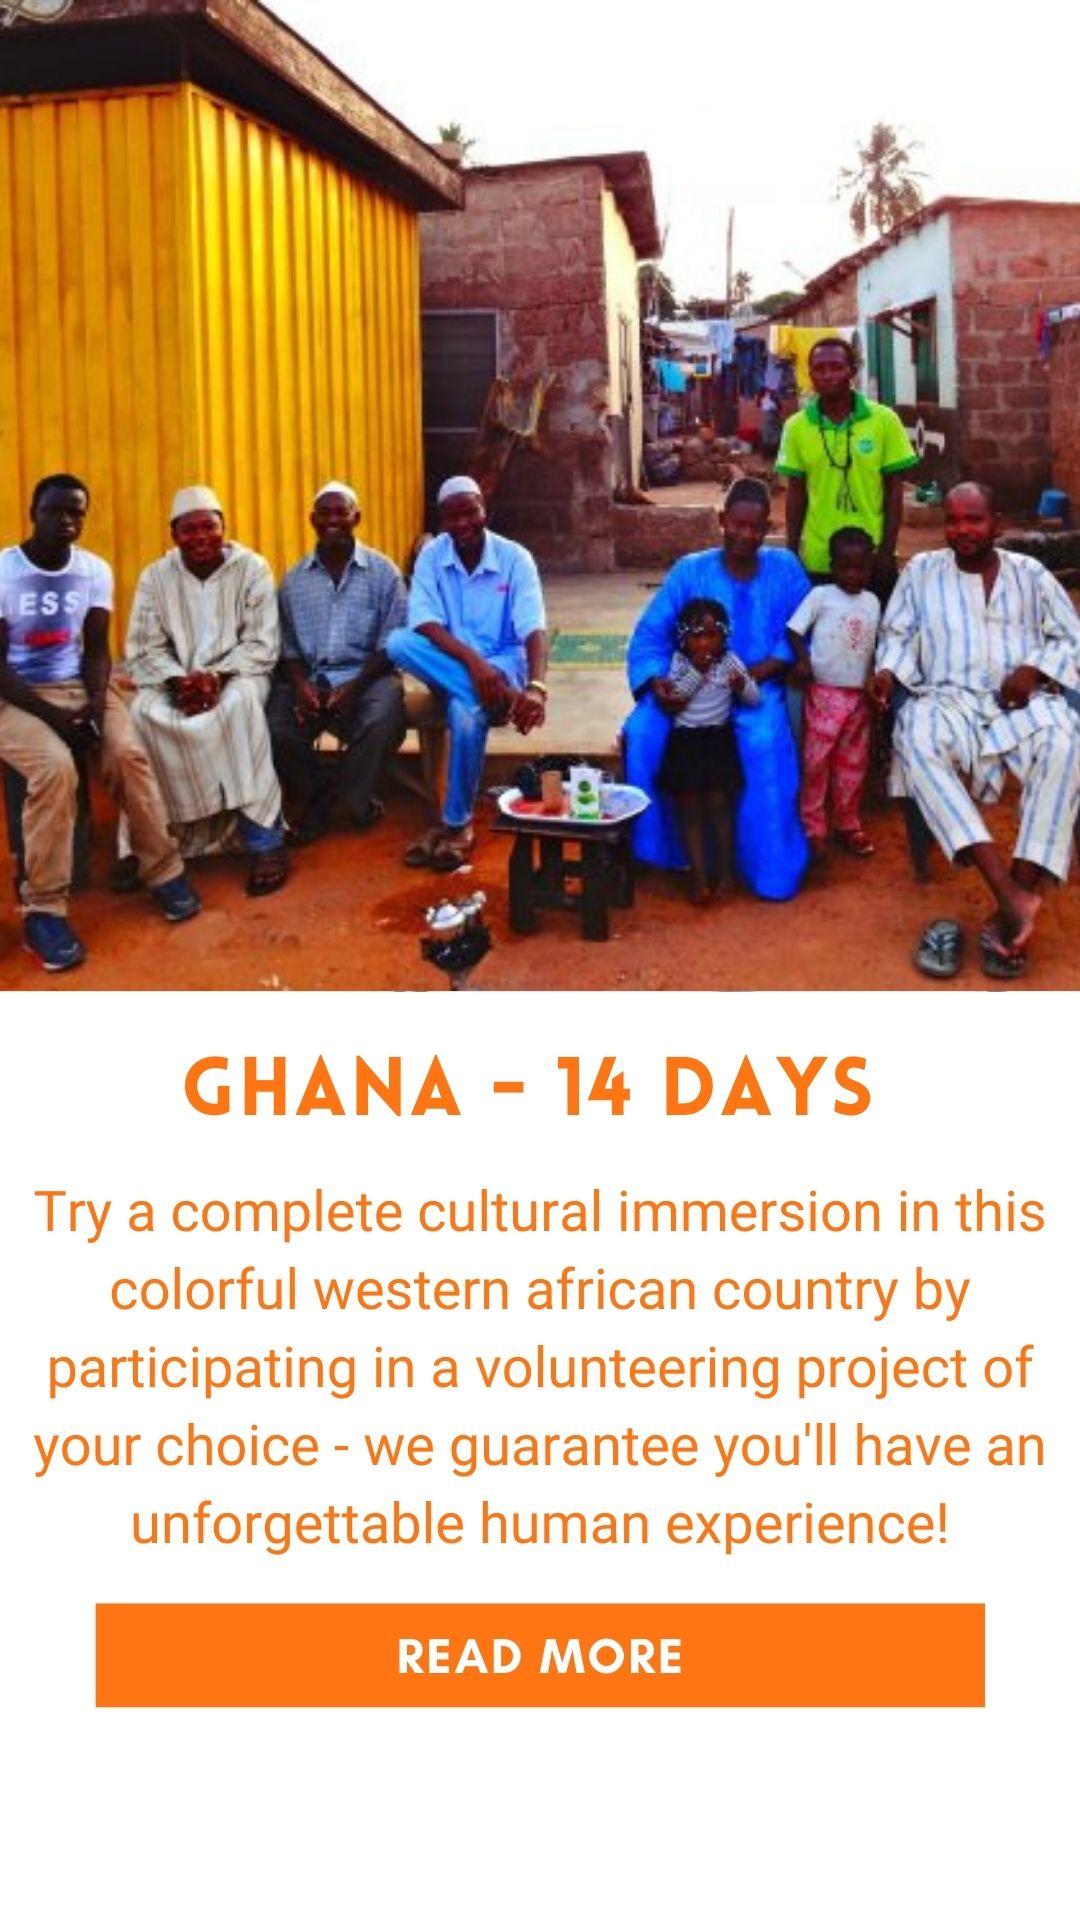 Organized trip in Ghana (volunteer trip)